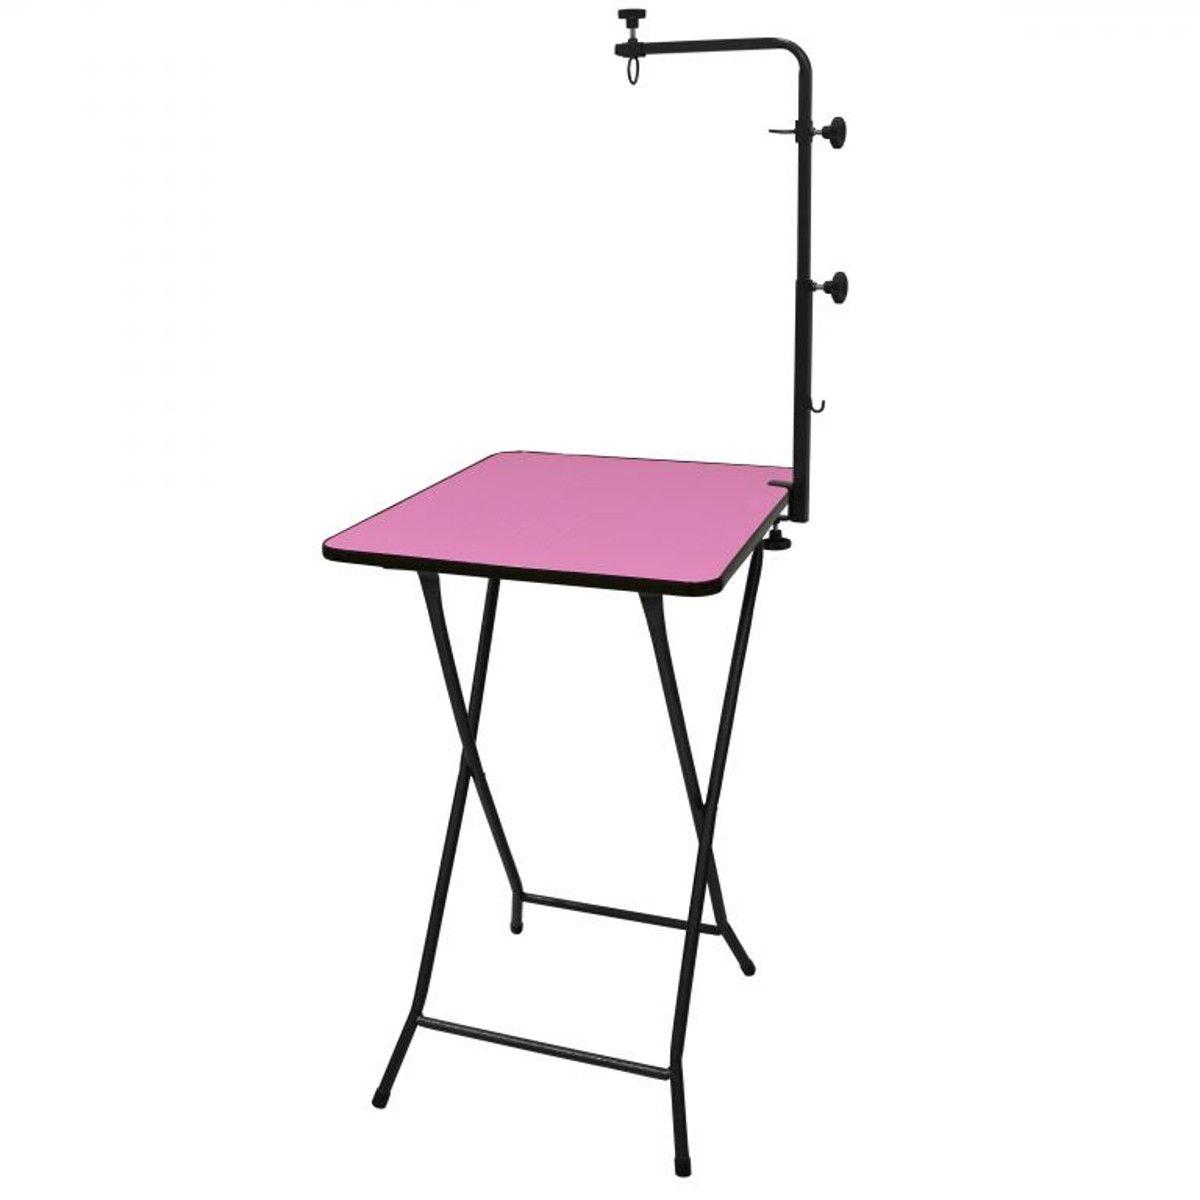 Mesa p/ Banho e Tosa / Pet Shop Dobrável c/ Girafa até 40kg - Açomix